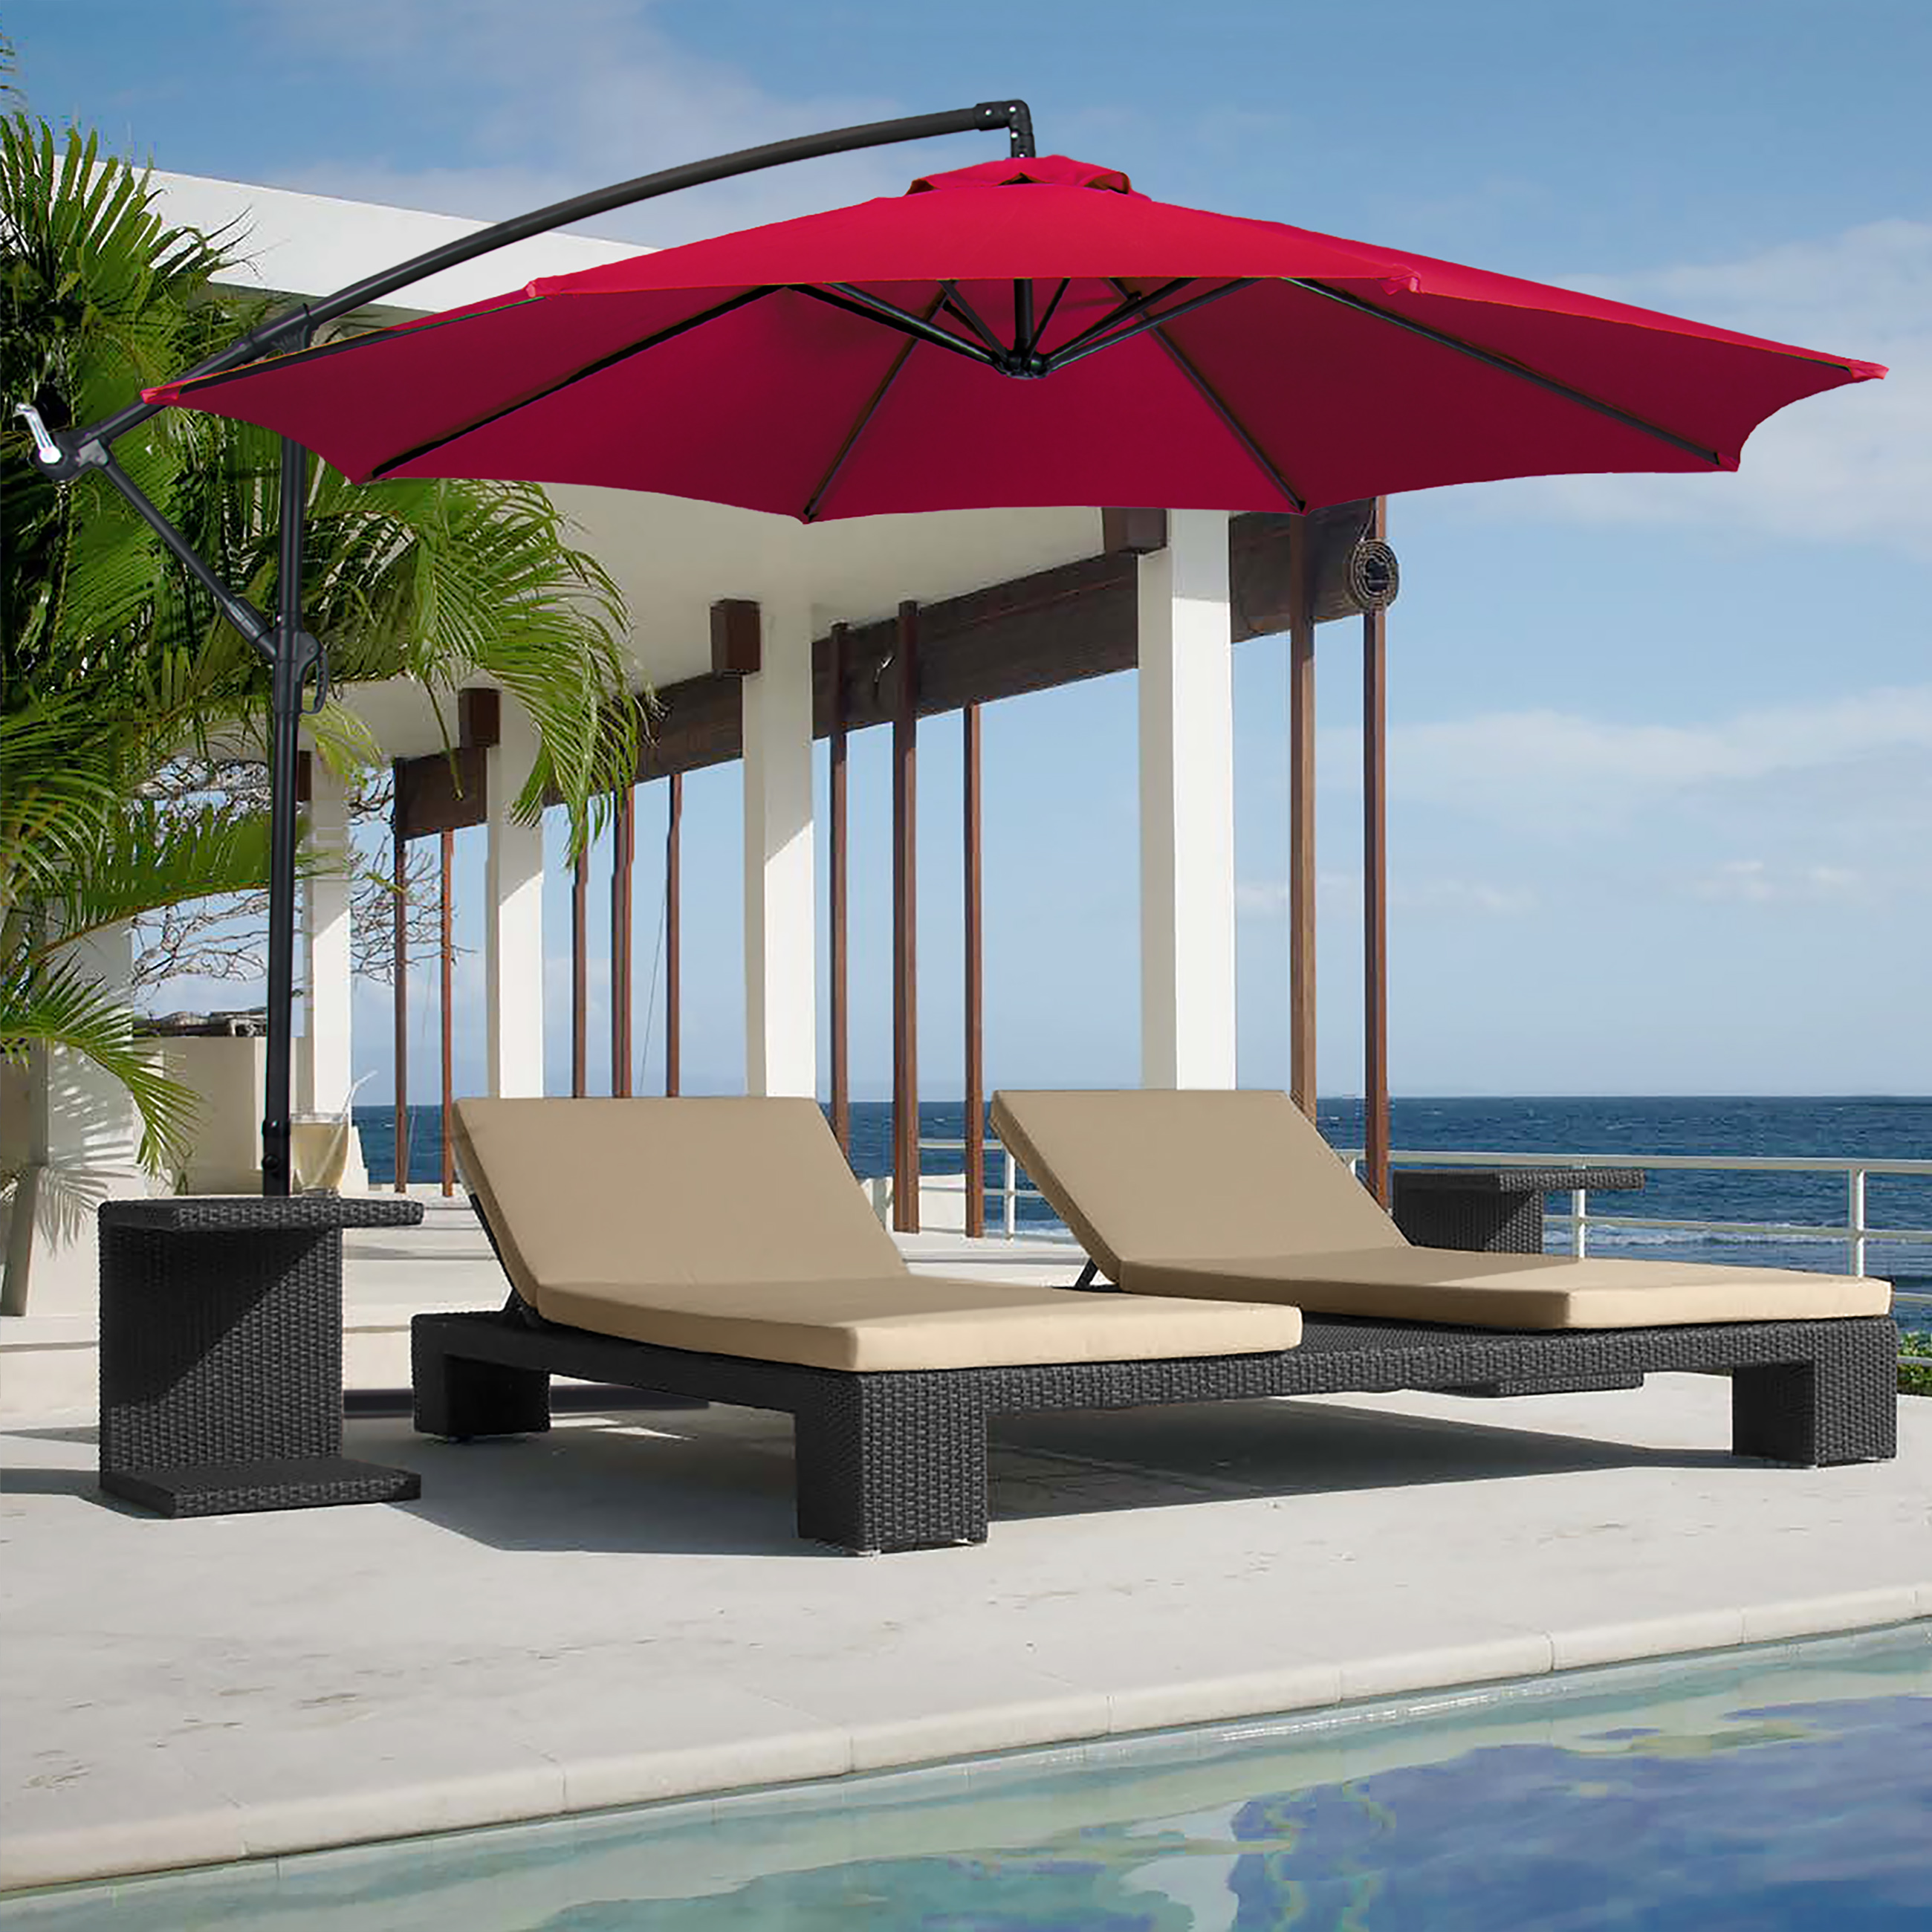 Costway 9ft Patio Solar Umbrella LED Patio Market Steel Tilt W/ Crank  Outdoor (Tan)   Walmart.com